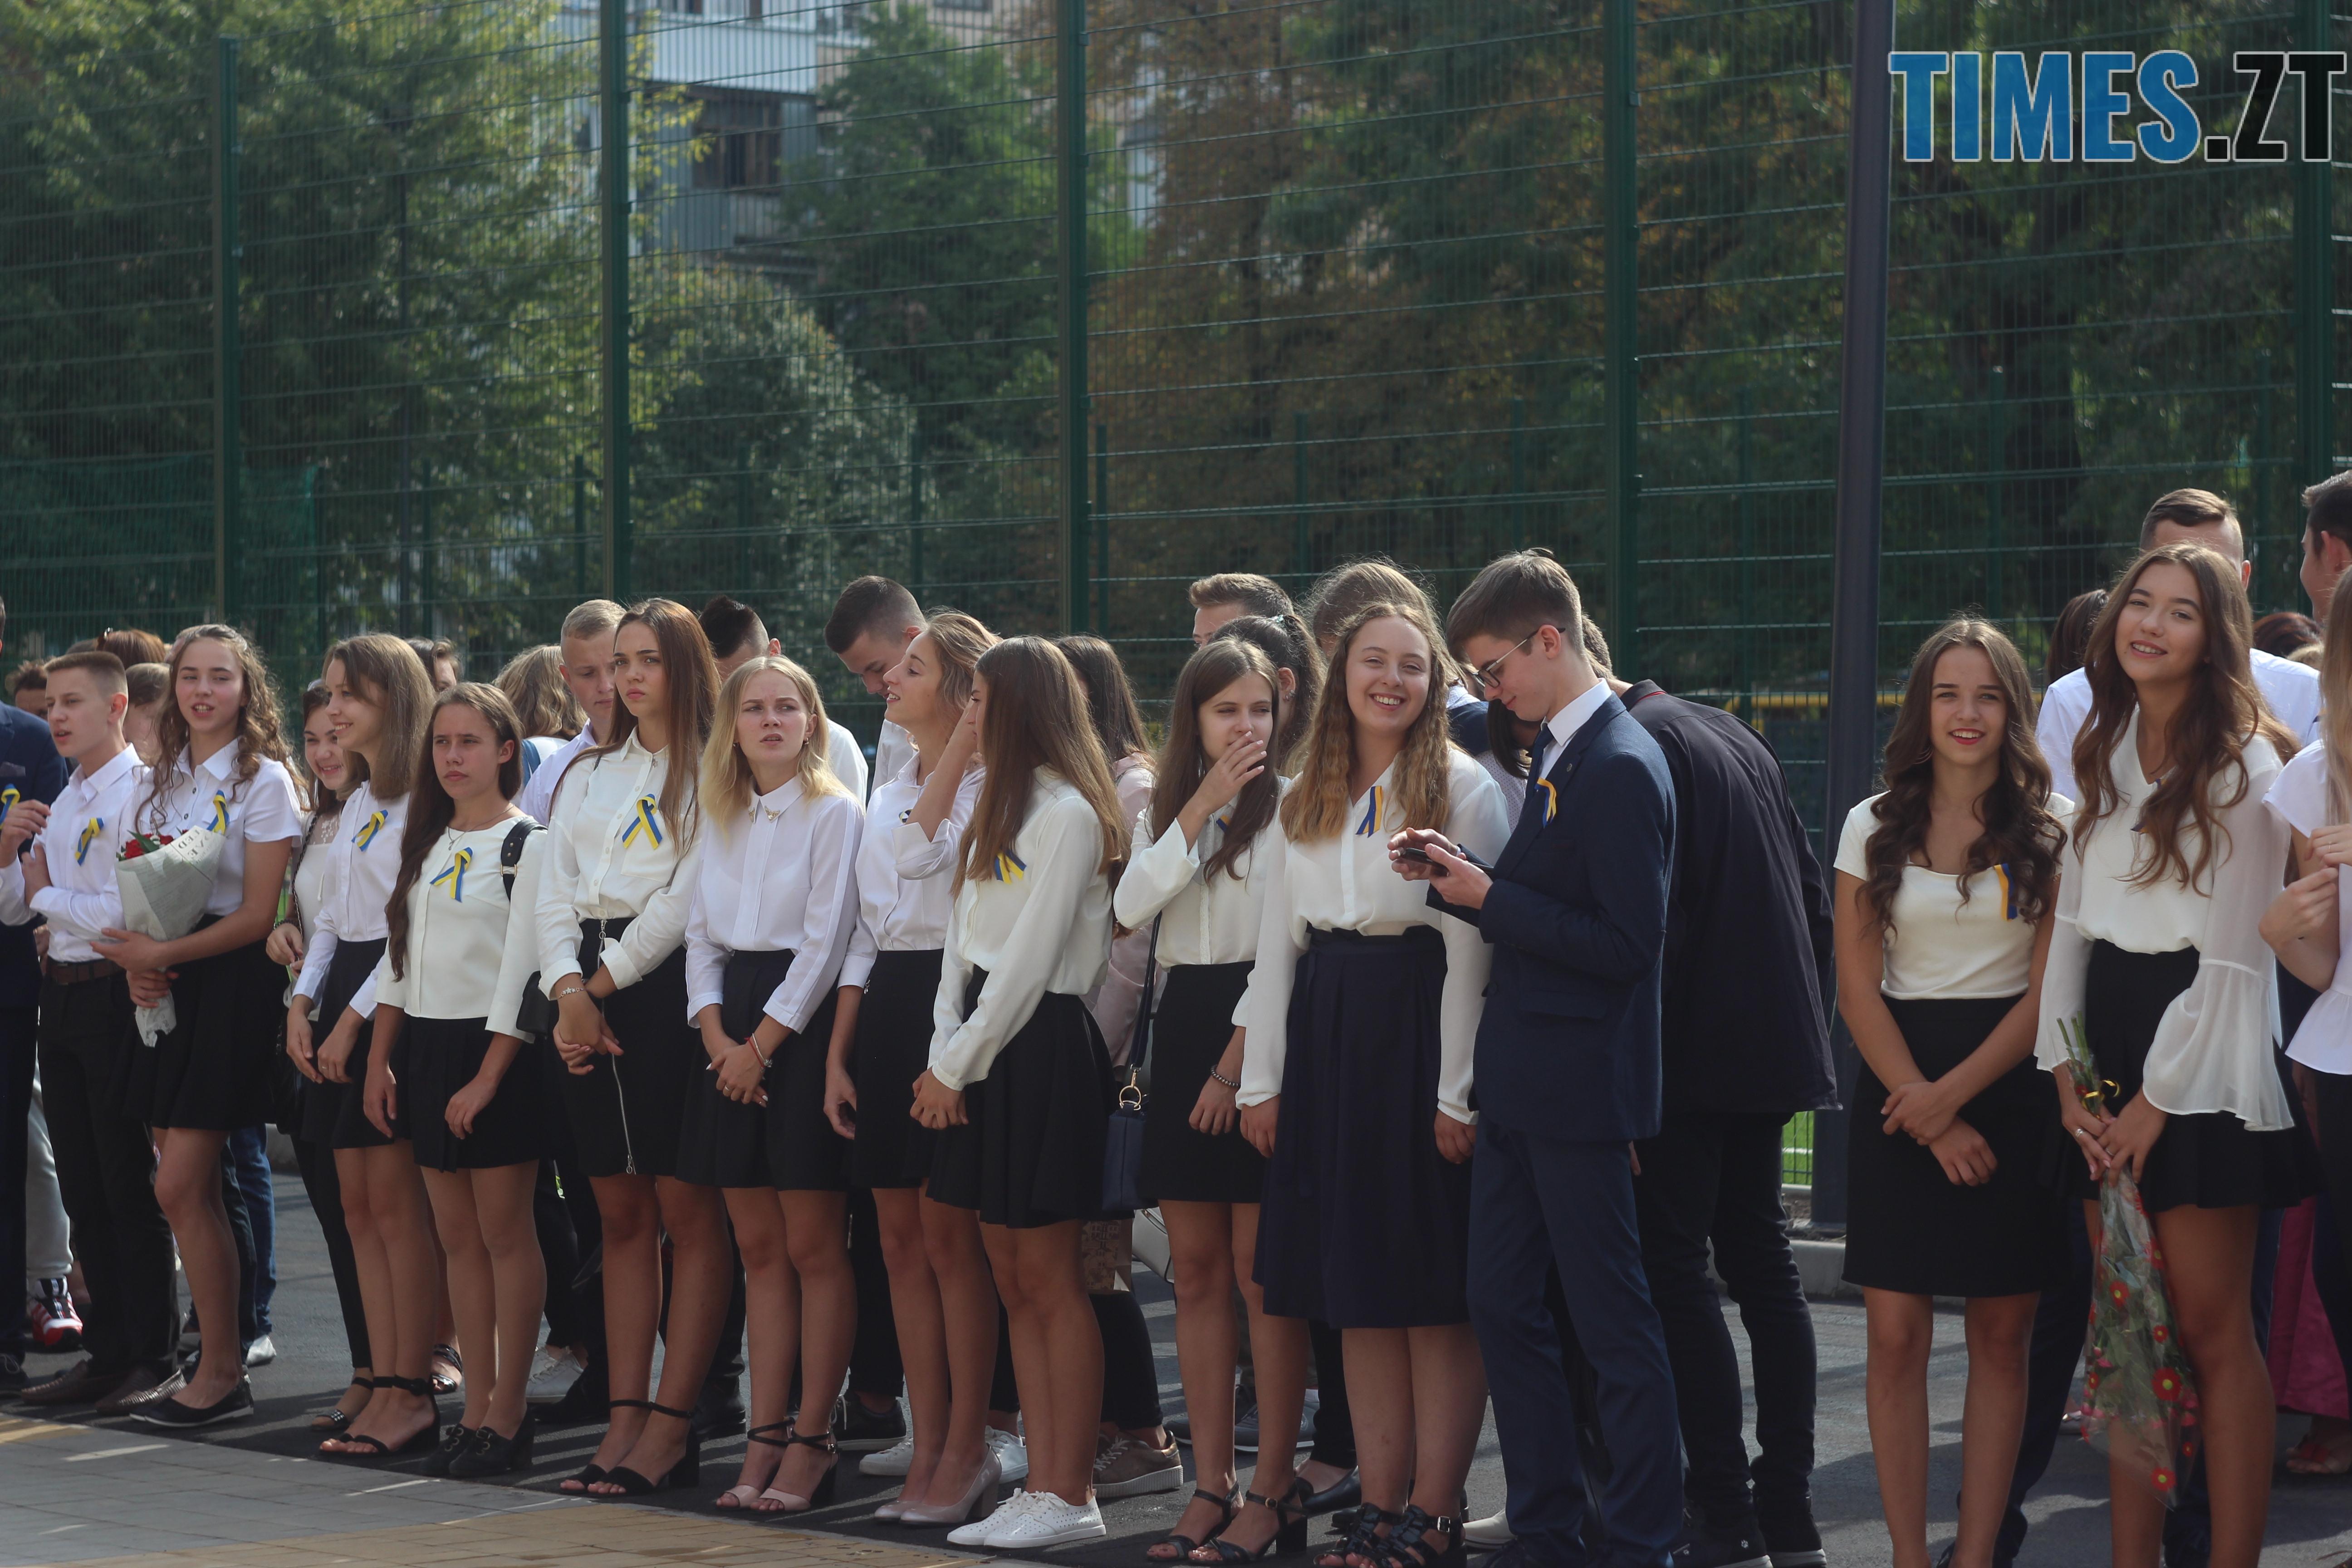 IMG 8919 - Майже 4 тисячі житомирських першокласників навчатимуться за системою Нової української школи (ФОТОРЕПОРТАЖ)